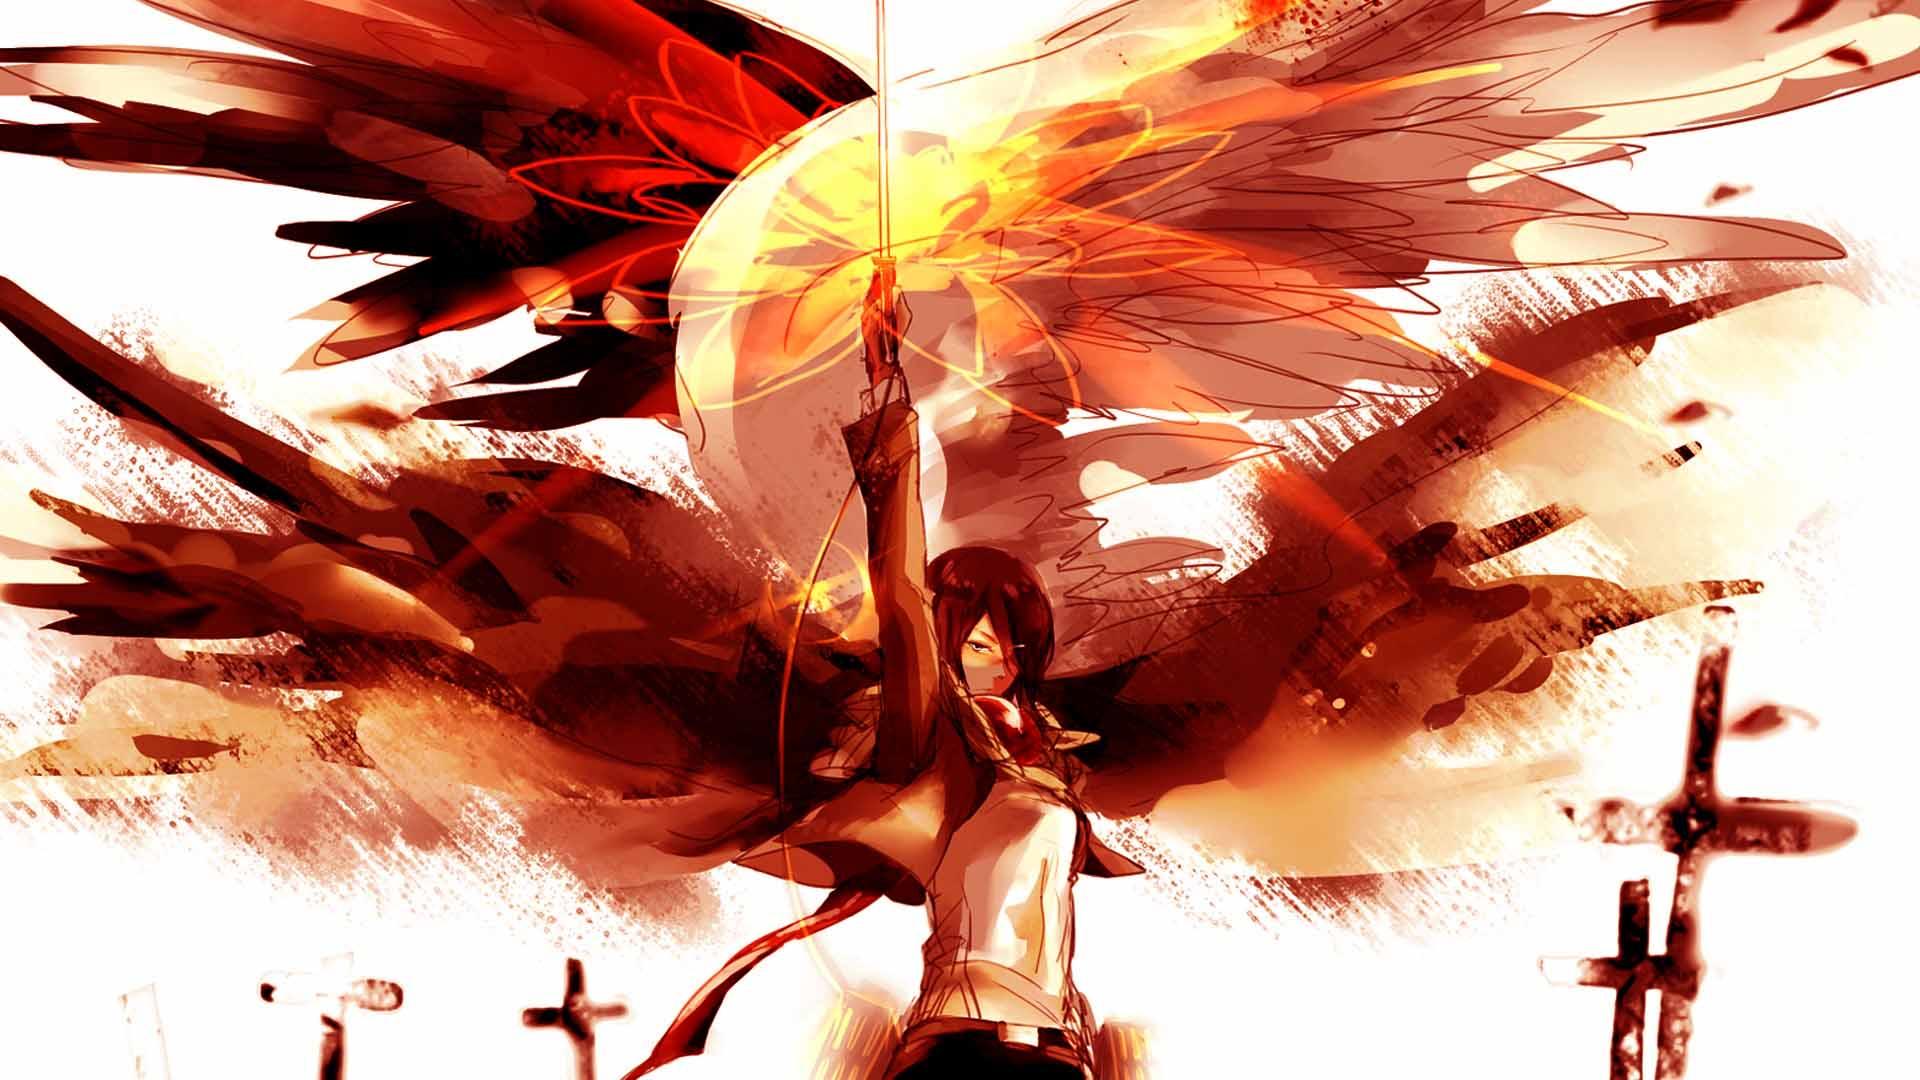 Shingeki no Kyojin wallpaper 11